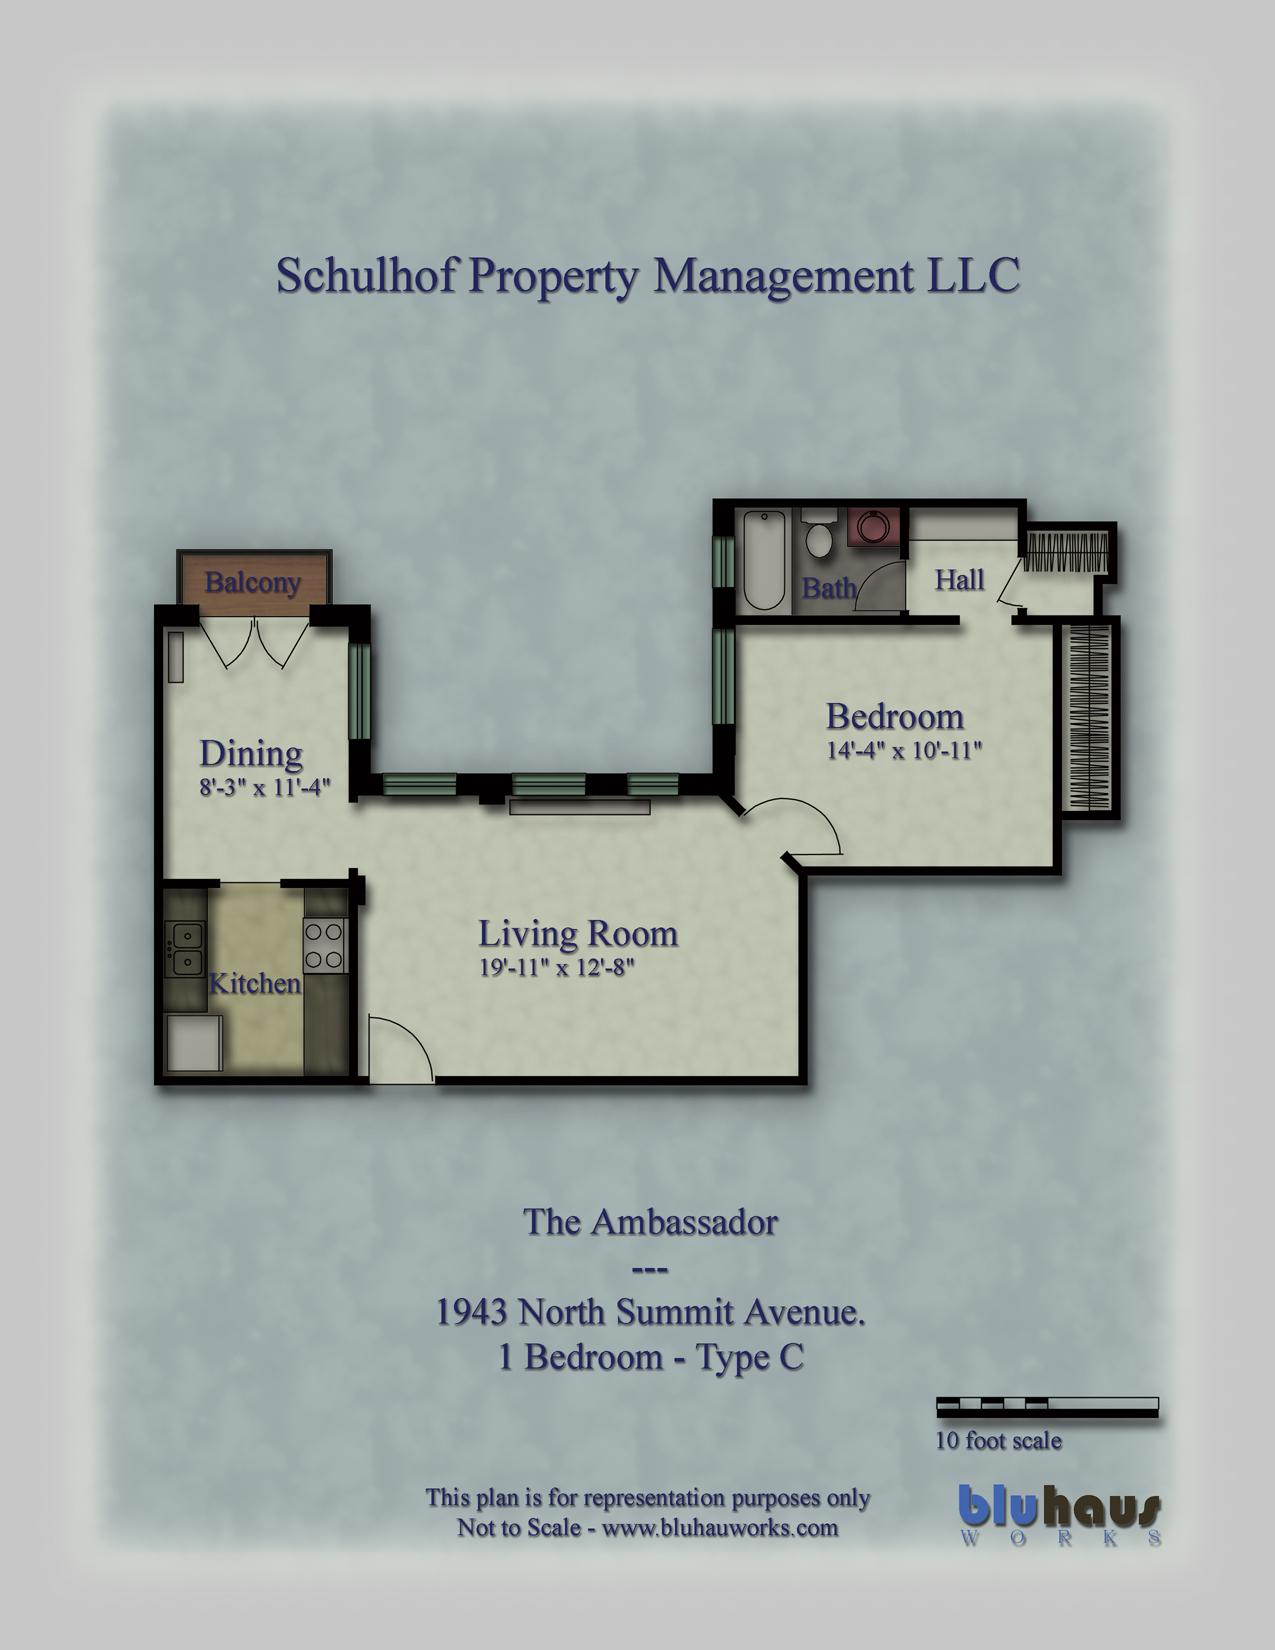 The Ambassador Apartments